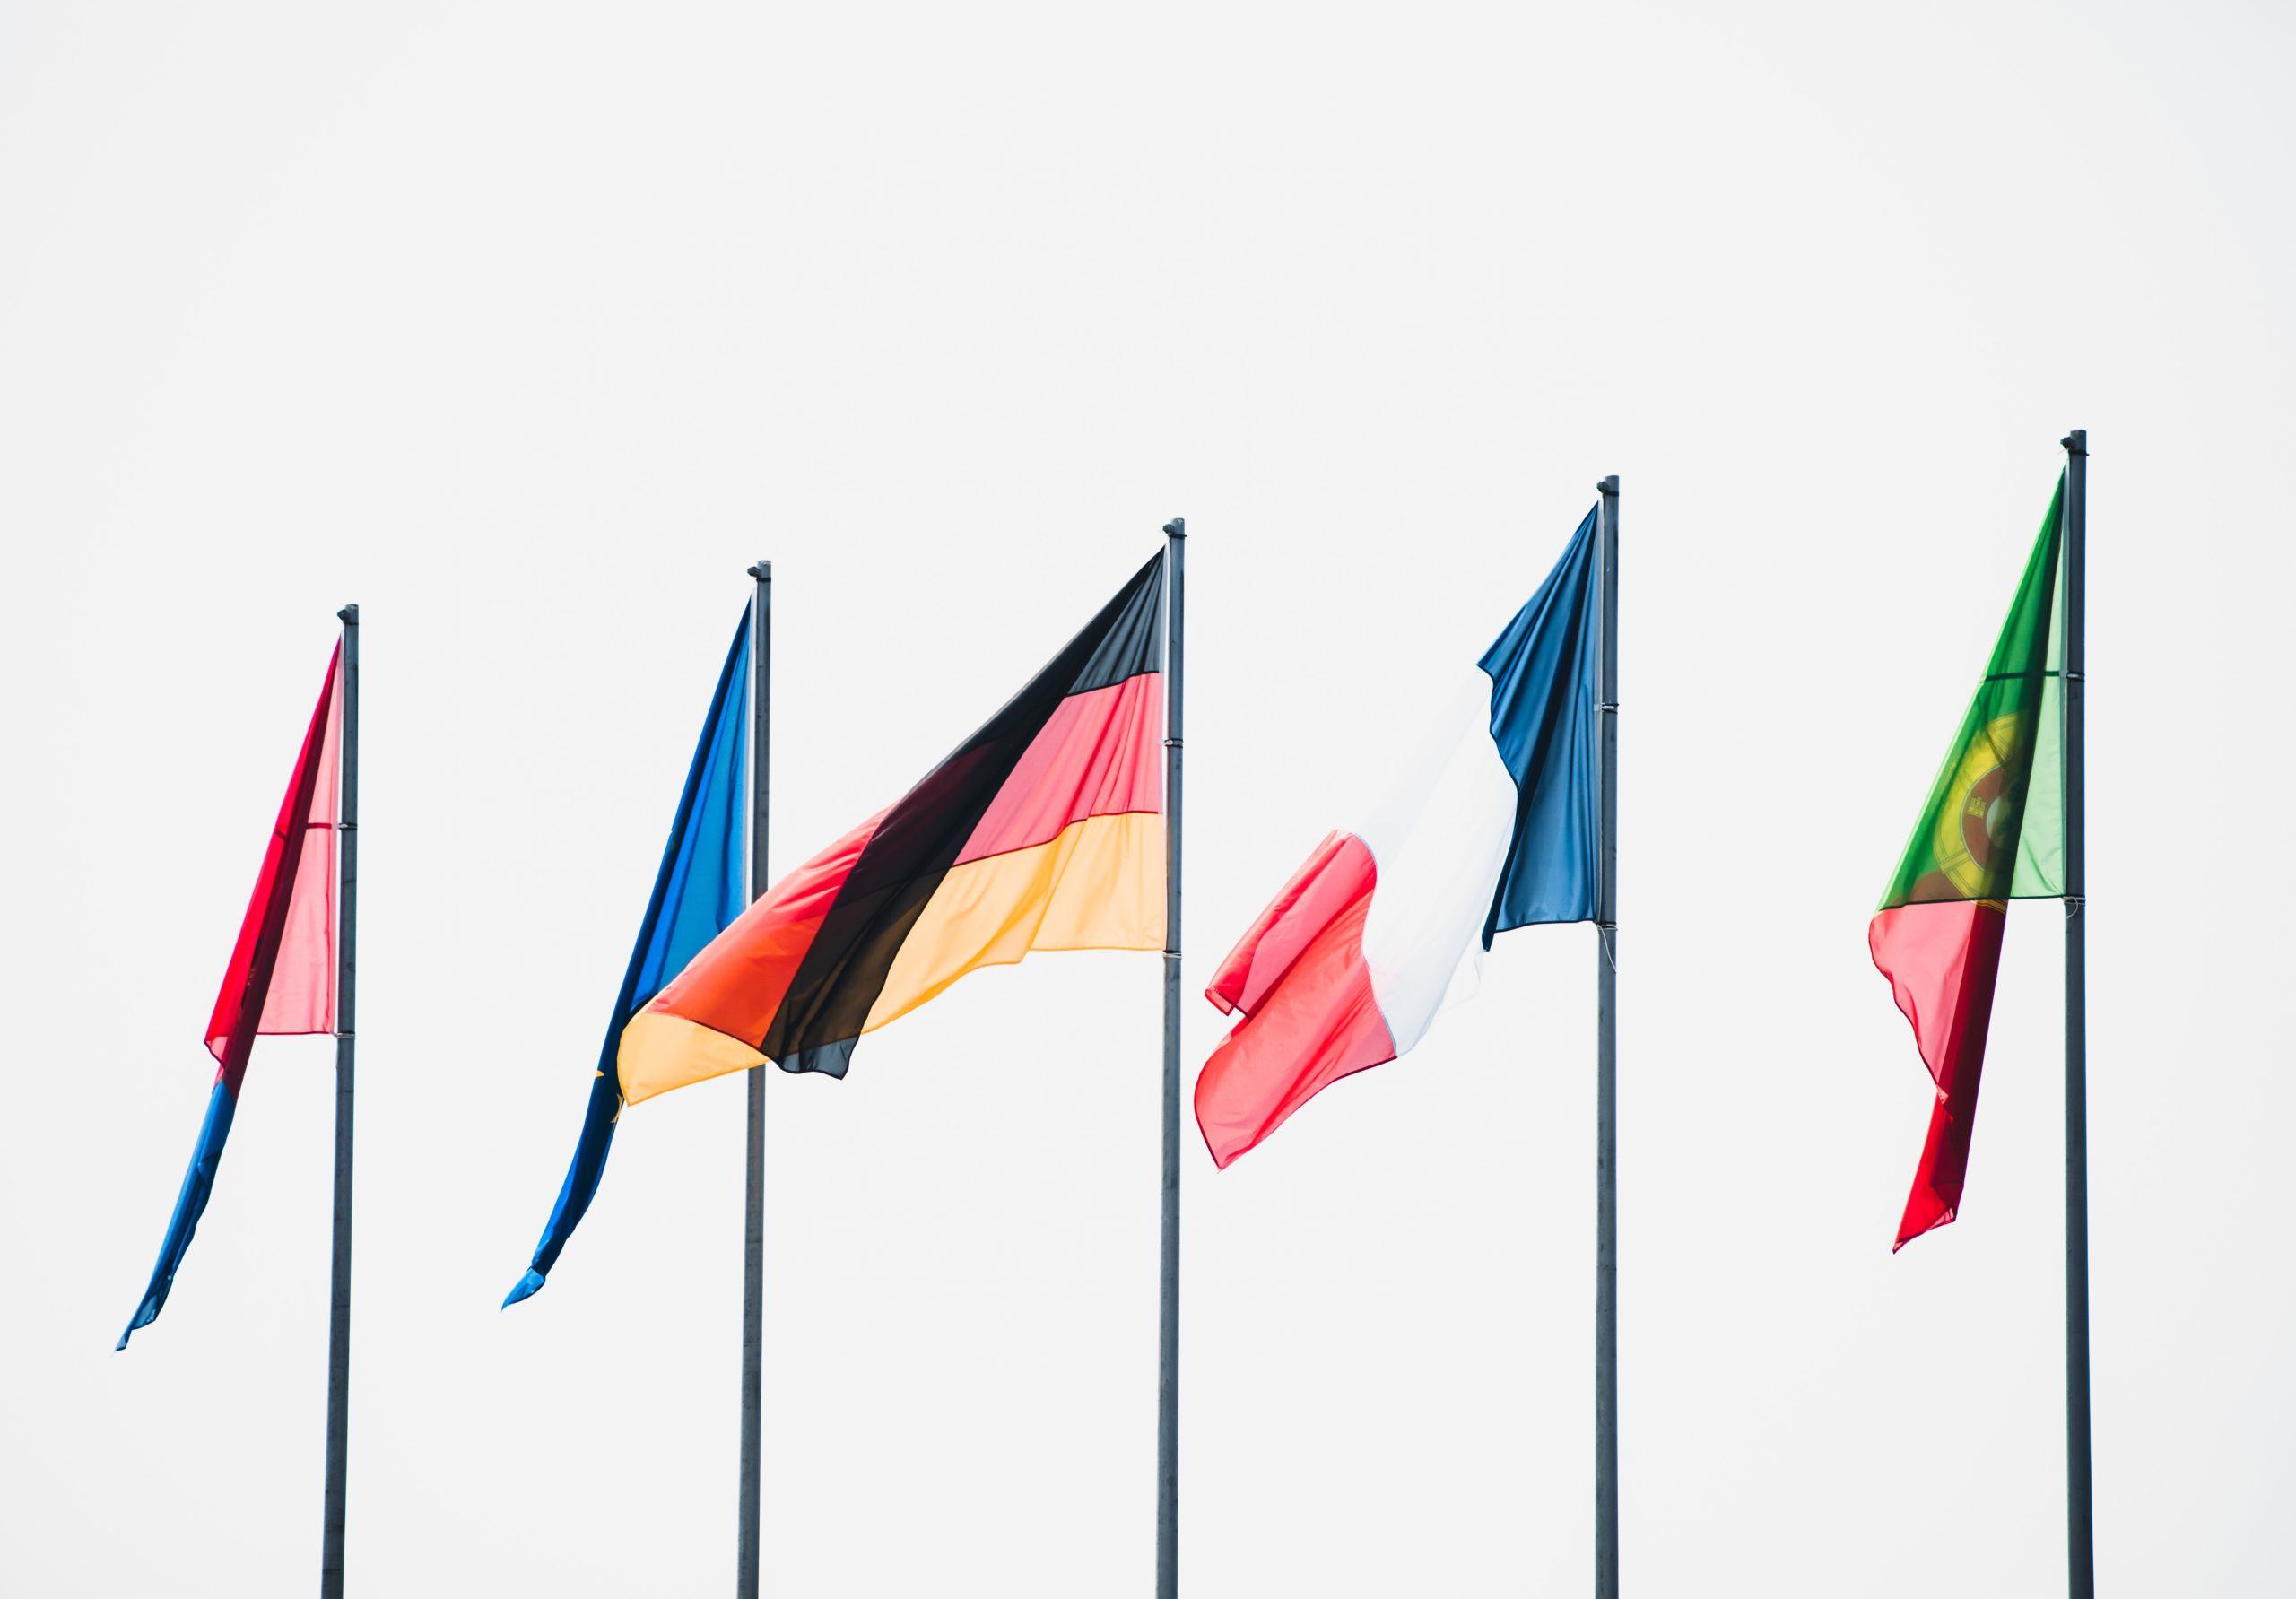 Voyage dans le temps : notre lettre à la présidente élue de la Commission européenne